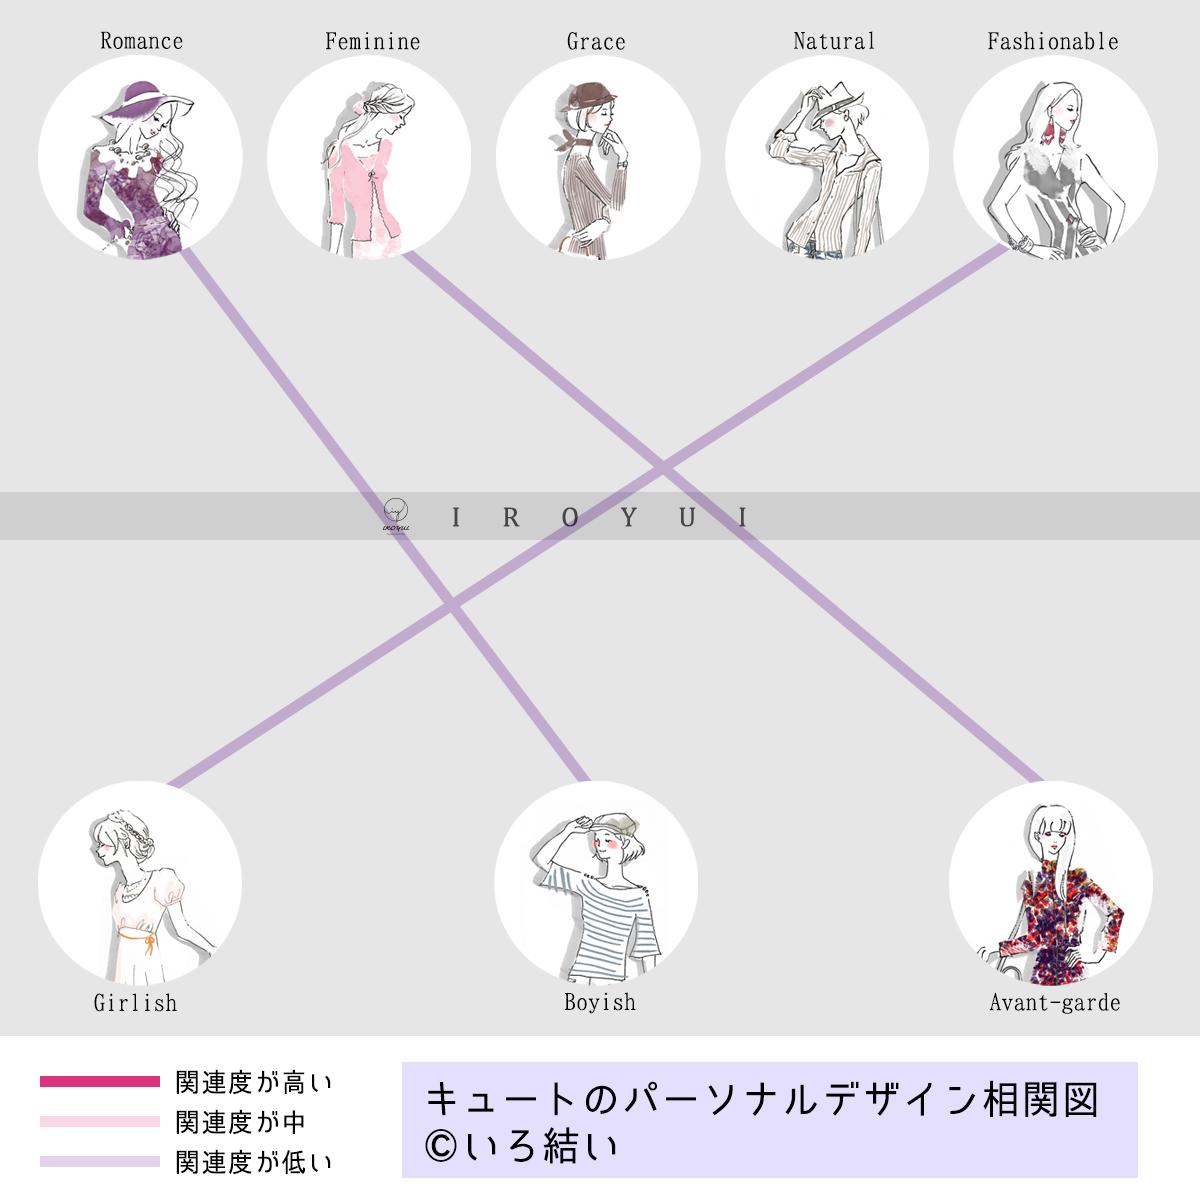 パーソナルデザイン相関図